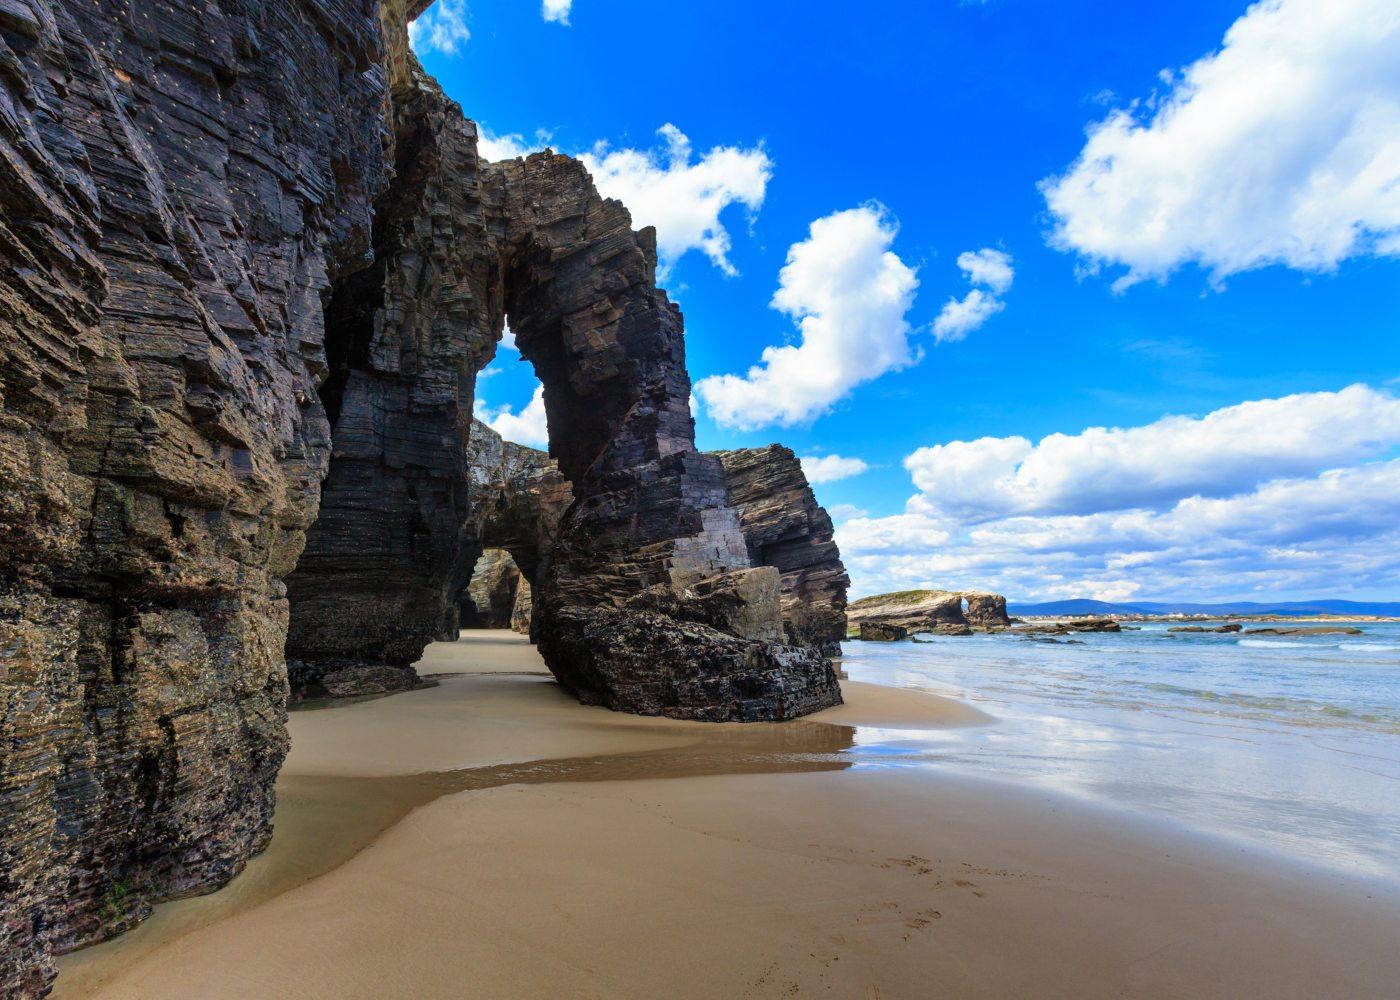 Praia de As catedrais em Lugo no norte de espanha